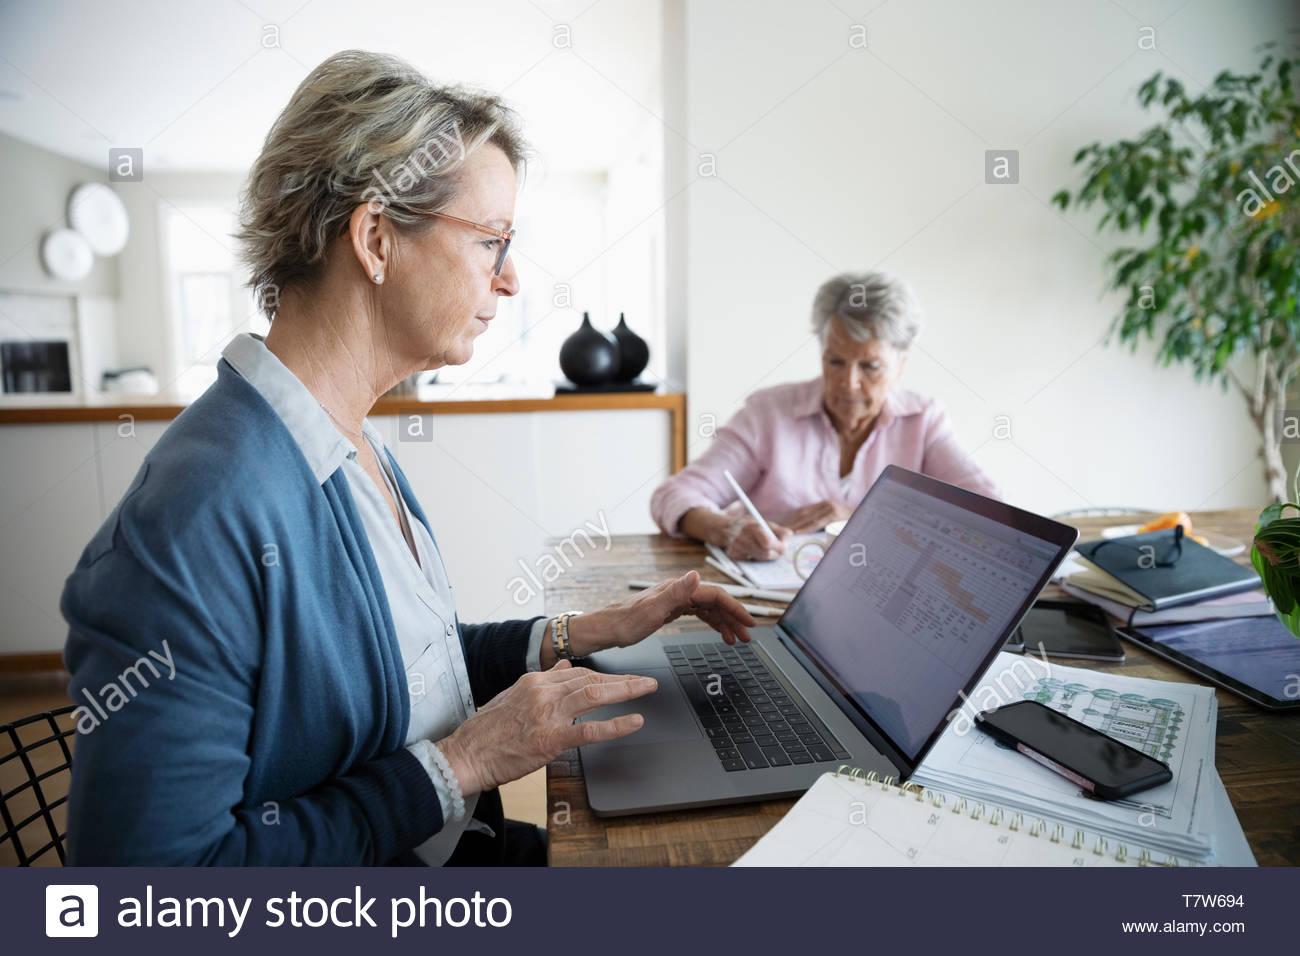 Frau Zahlung Rechnungen online at laptop während älterer Mutter Farben im Hintergrund Stockbild